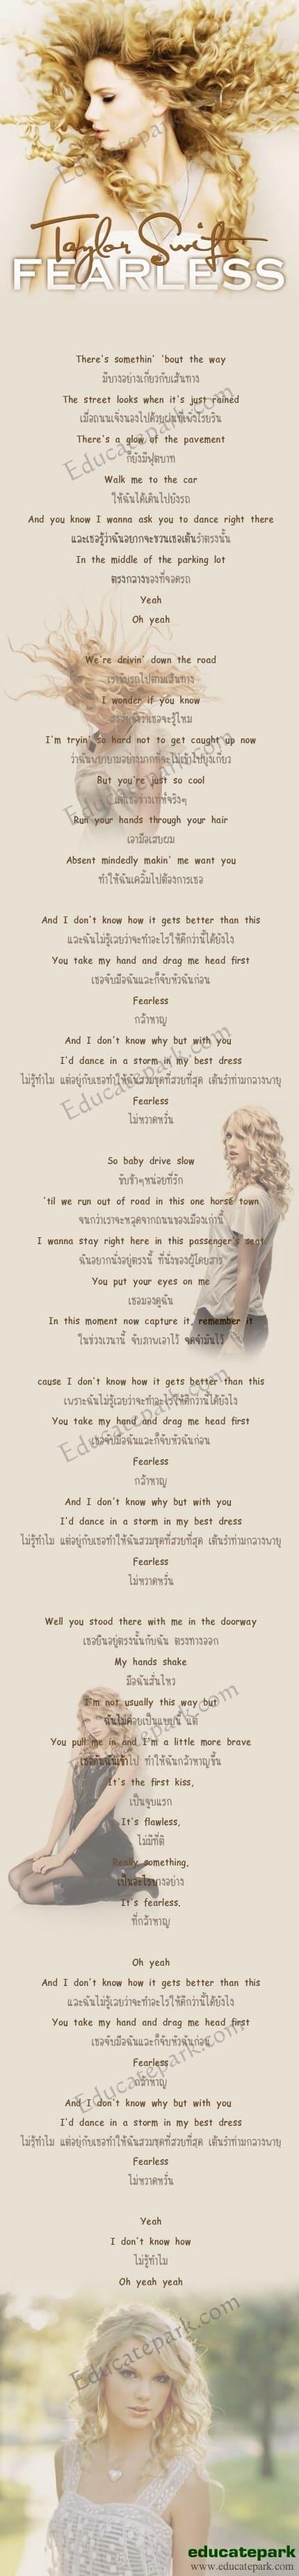 แปลเพลง Fearless - Taylor Swift